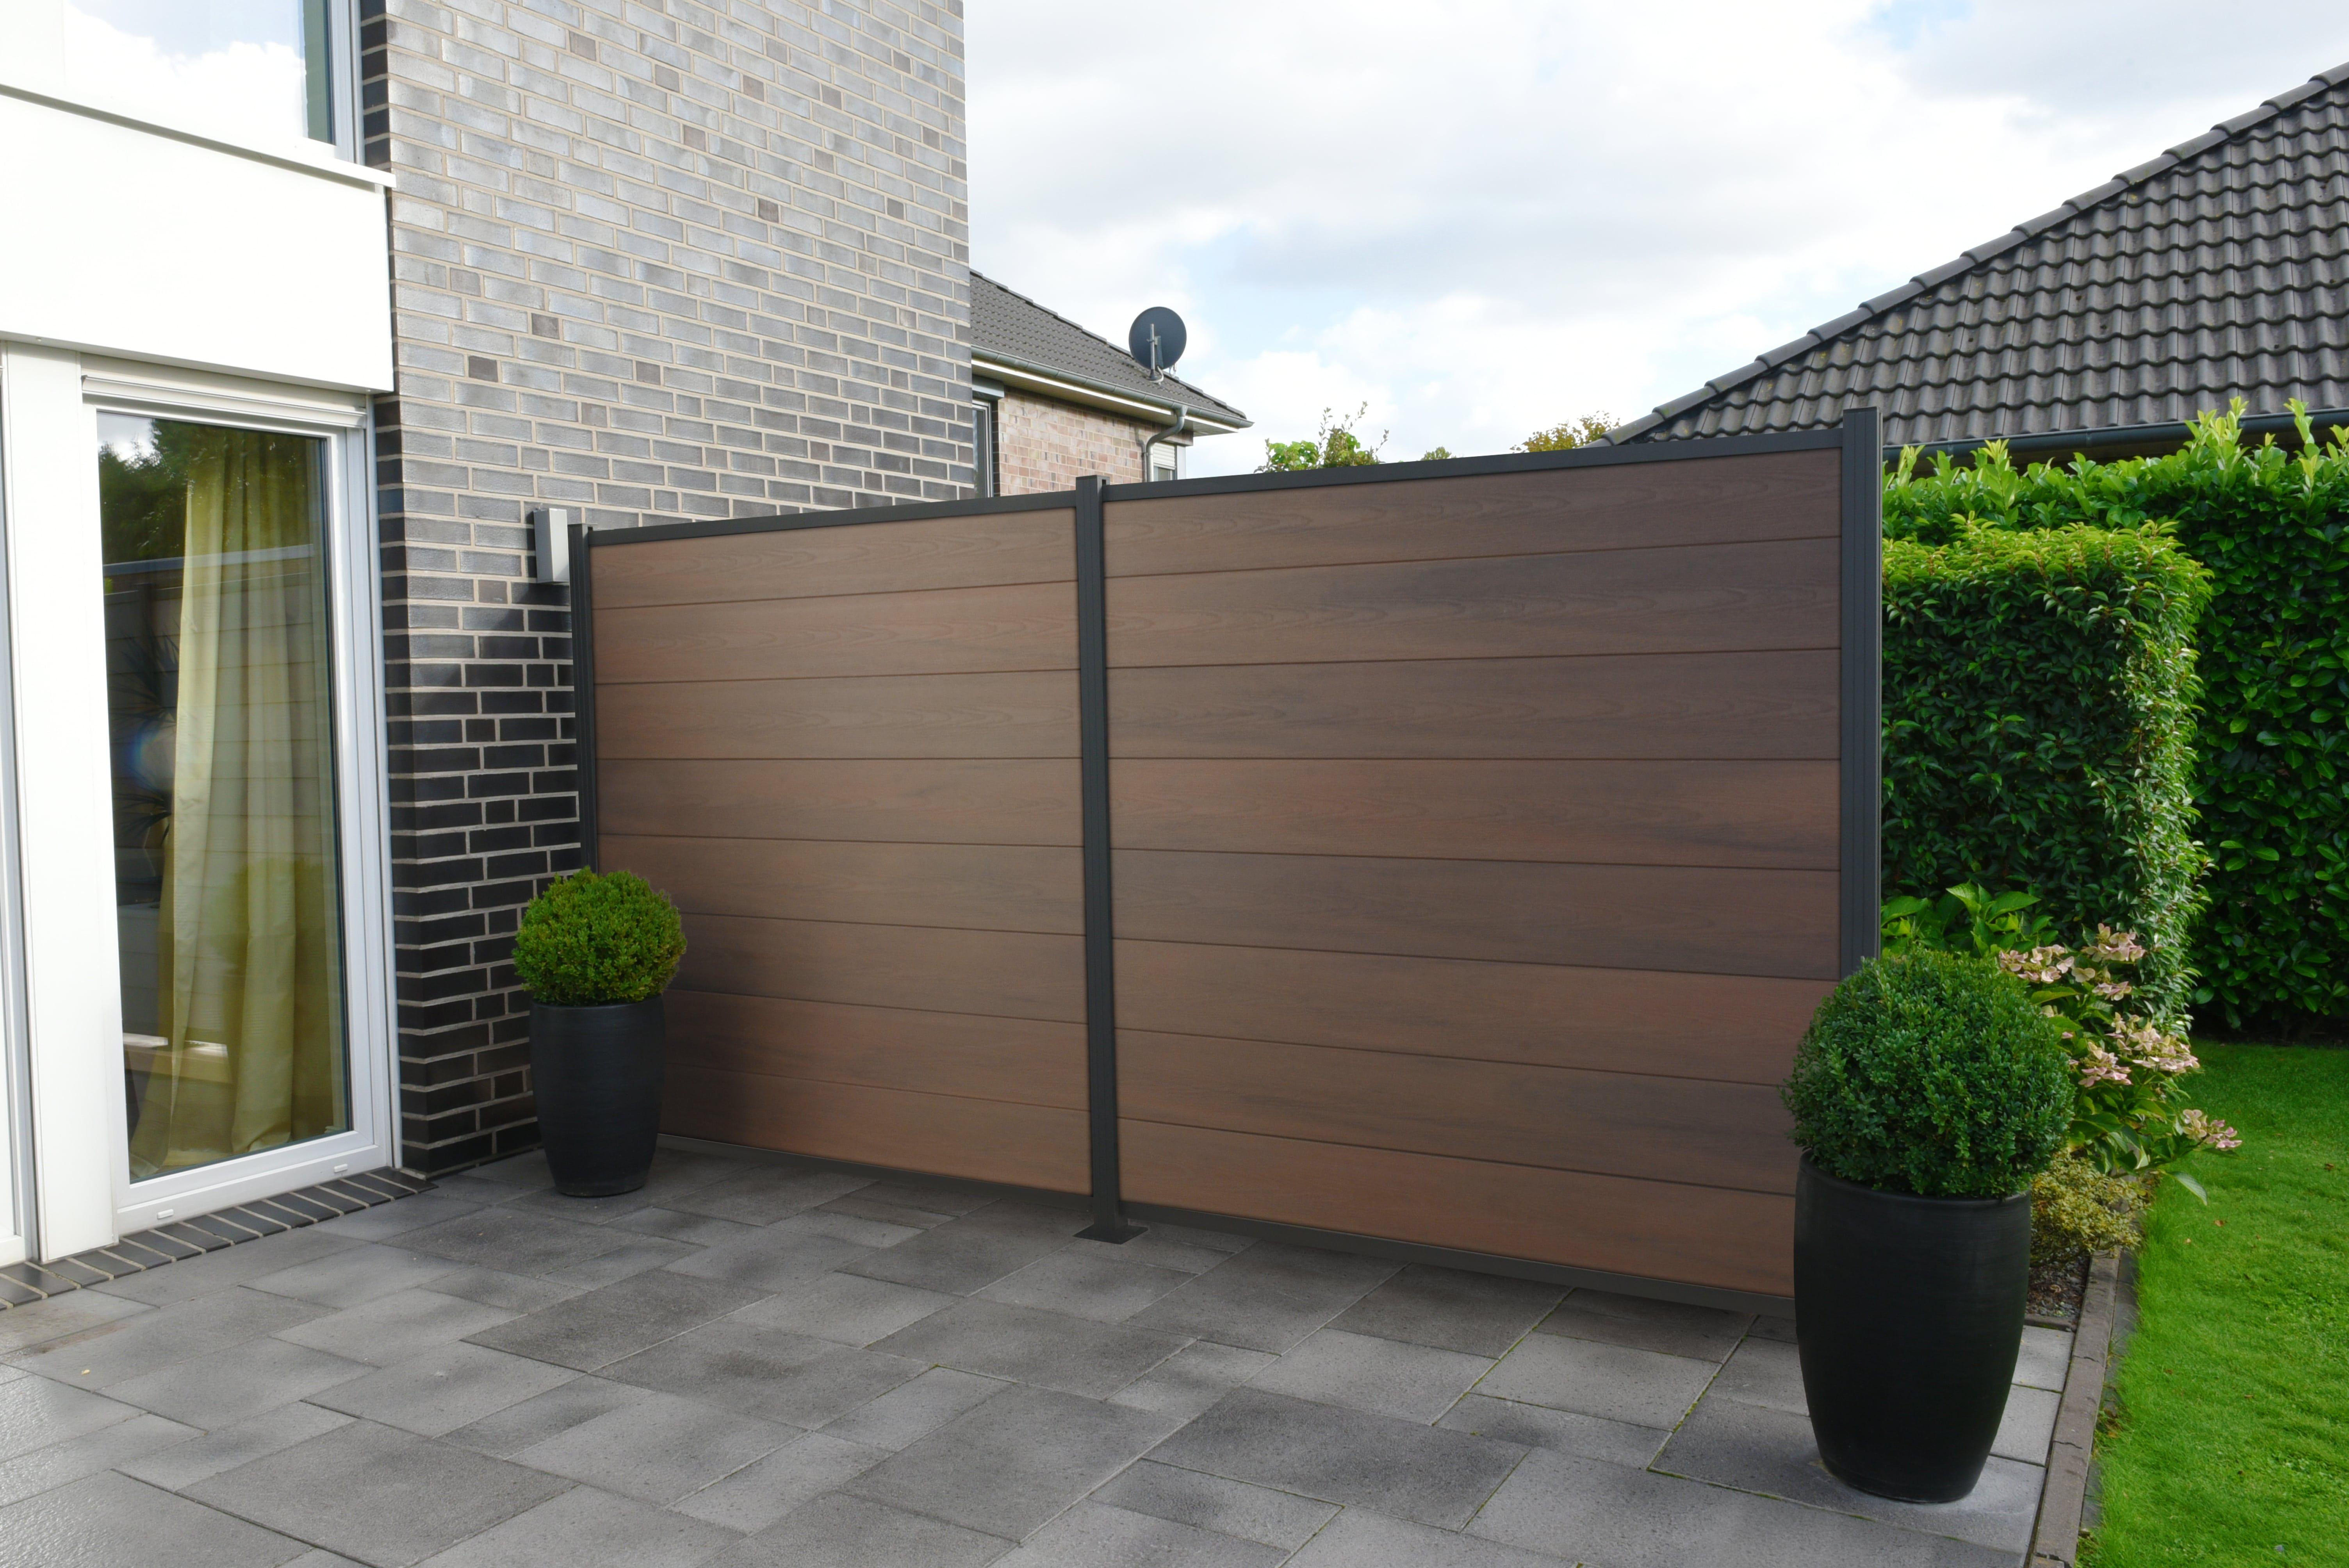 Musterbox Wpc Sichtschutz Zaun Windschutz Garten Holz Kunststoff